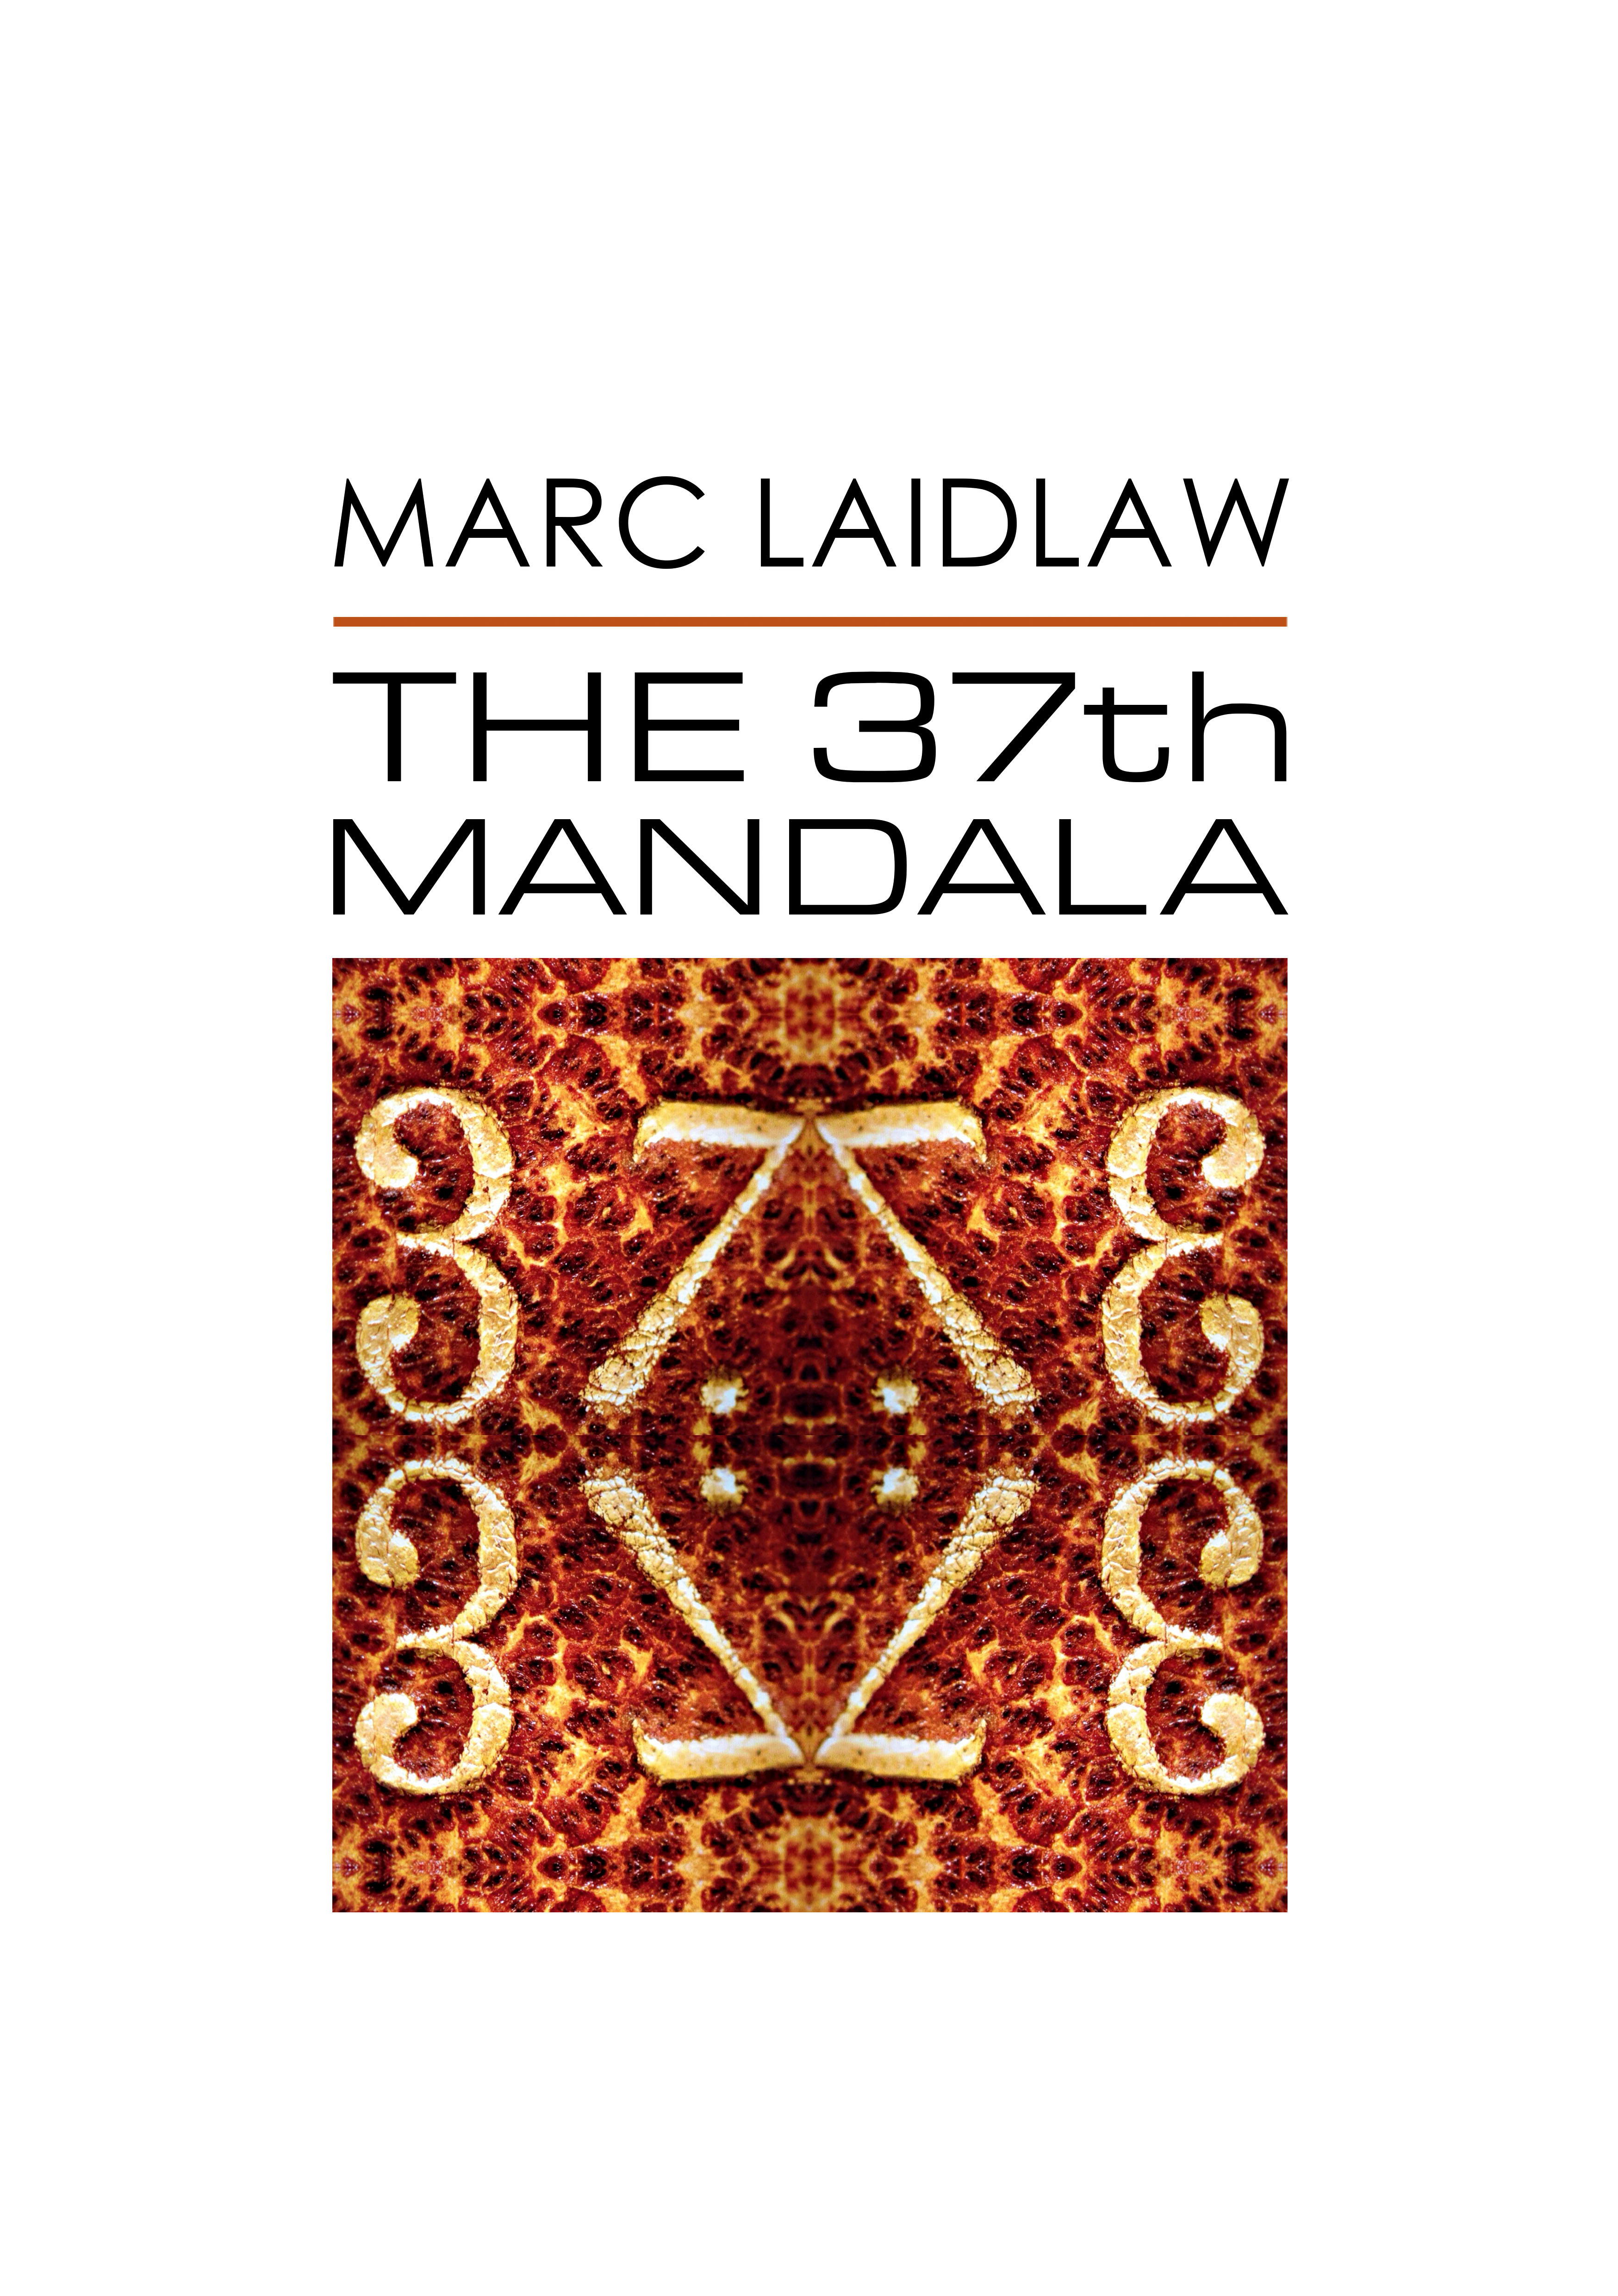 marc_laidlaw_cover_the_37th_mandala_06_29_2016